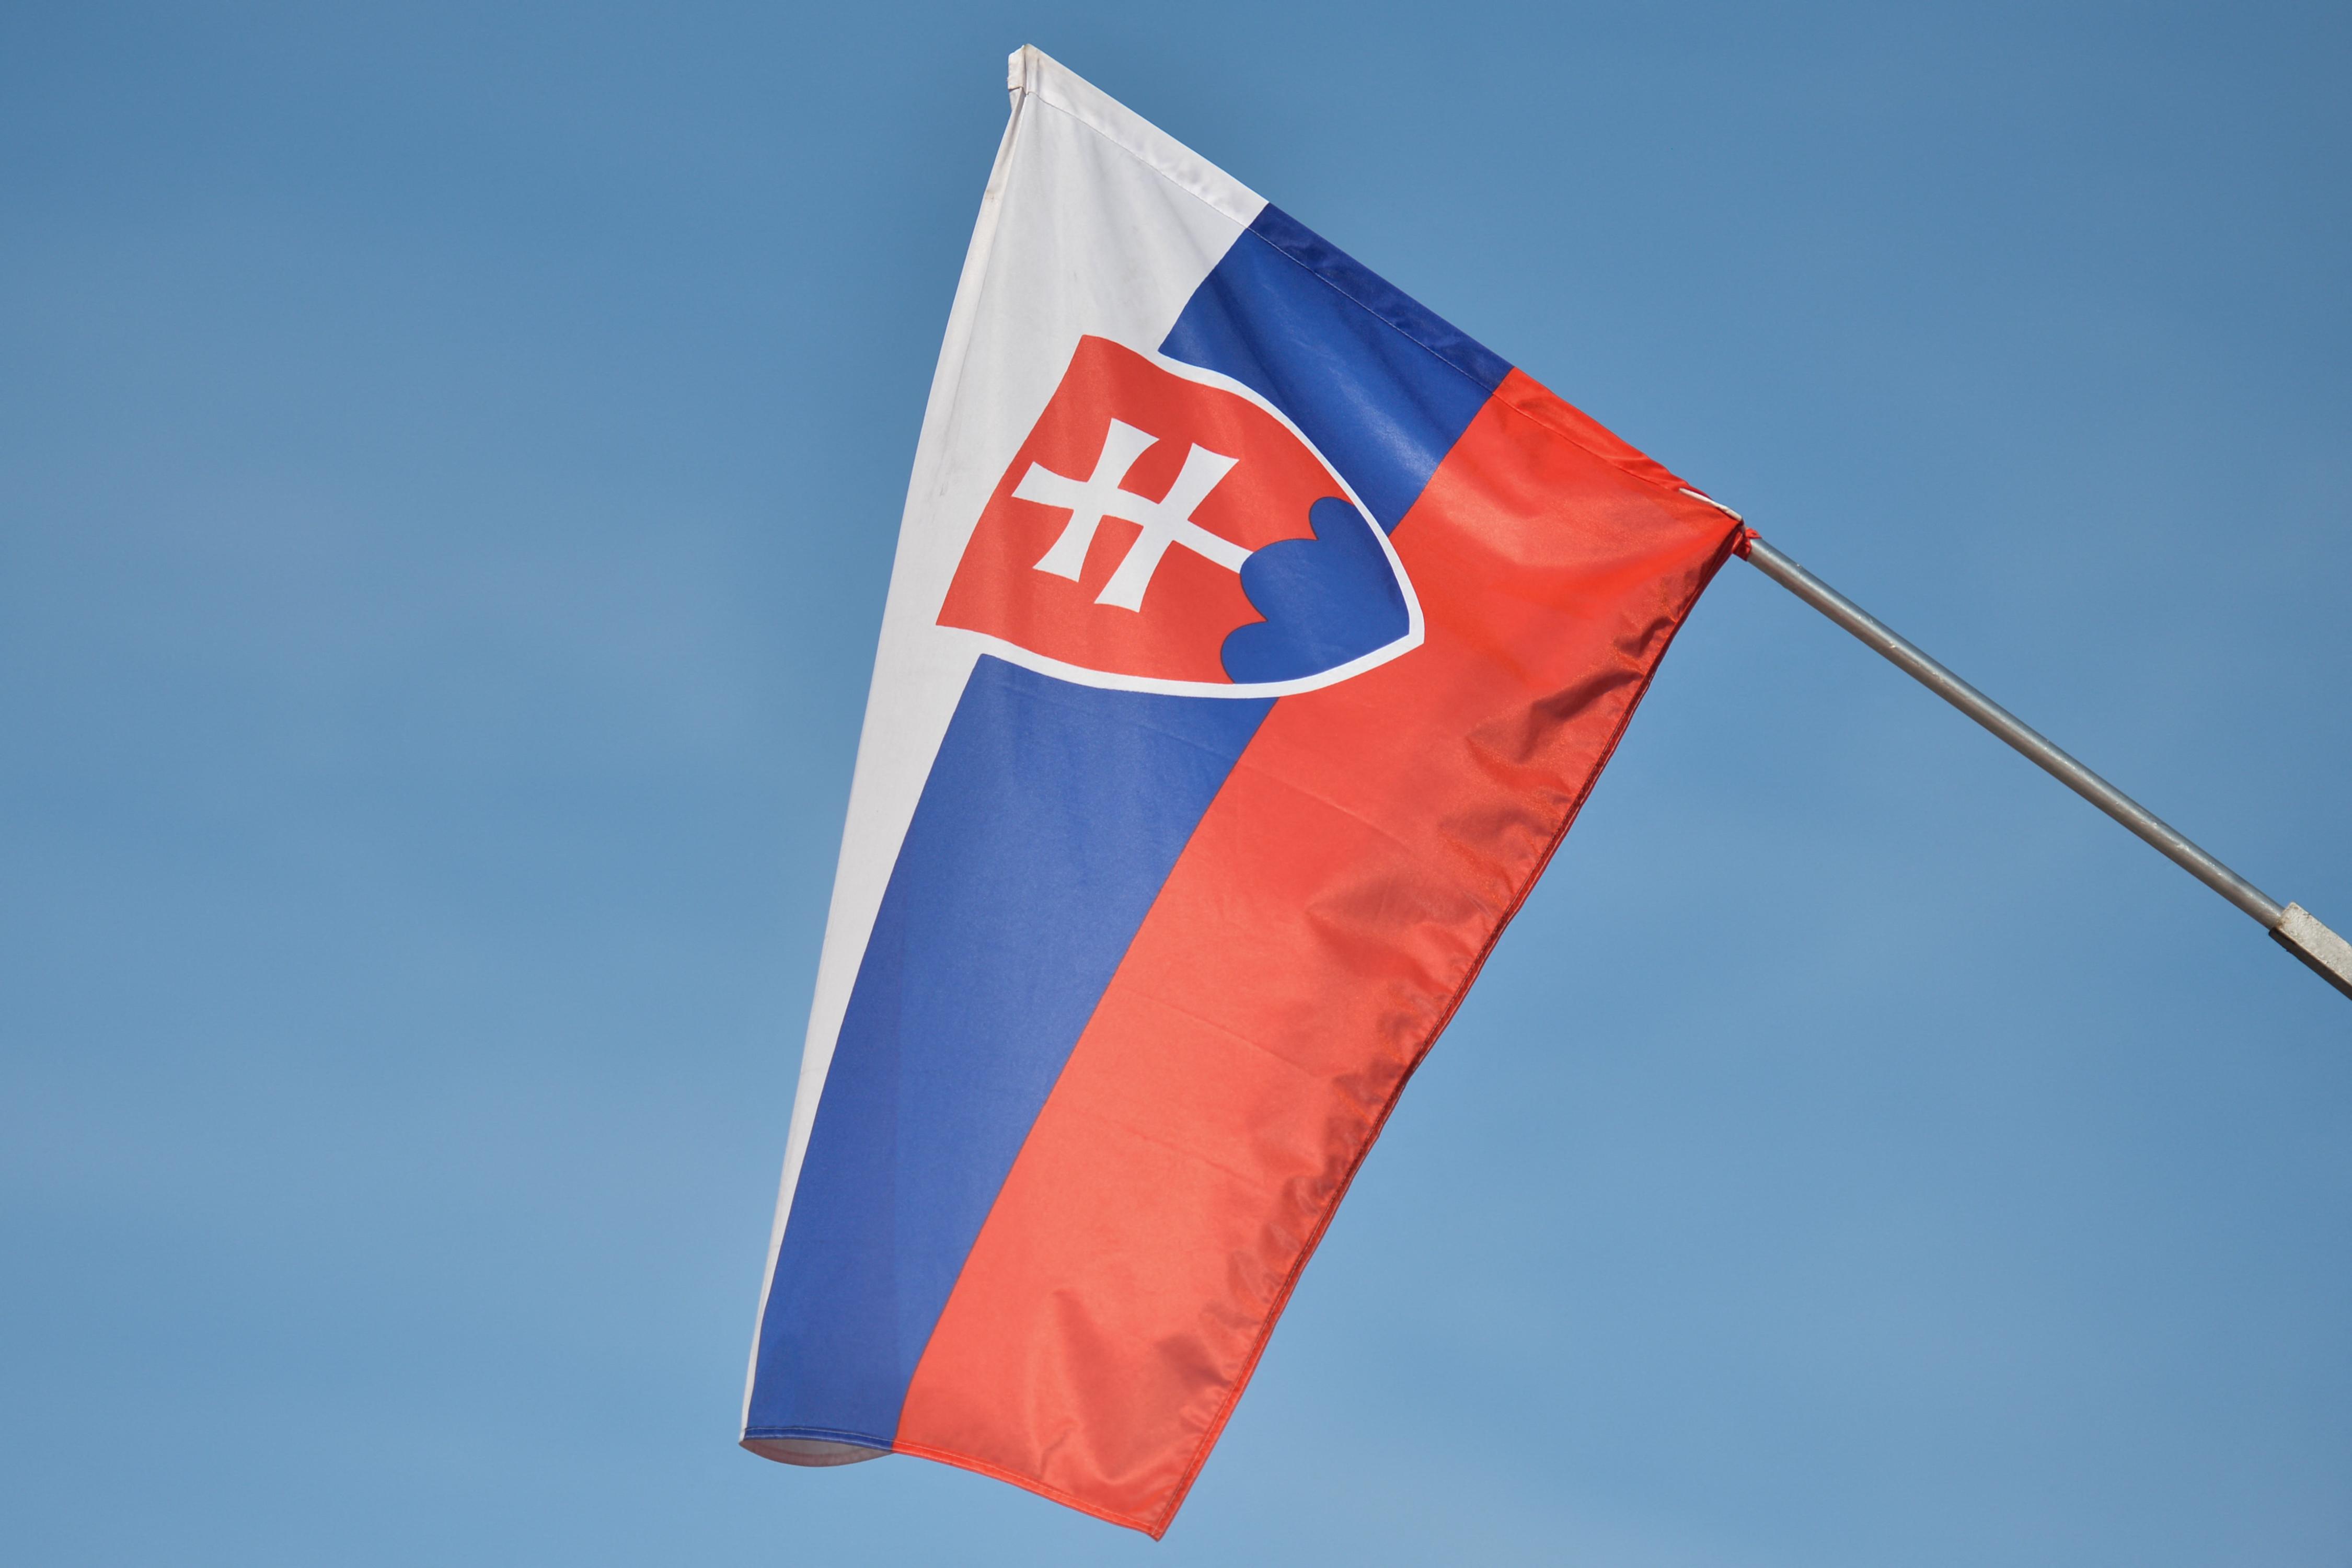 Egy héten belül a második miniszter távozik a kormányból Szlovákiában